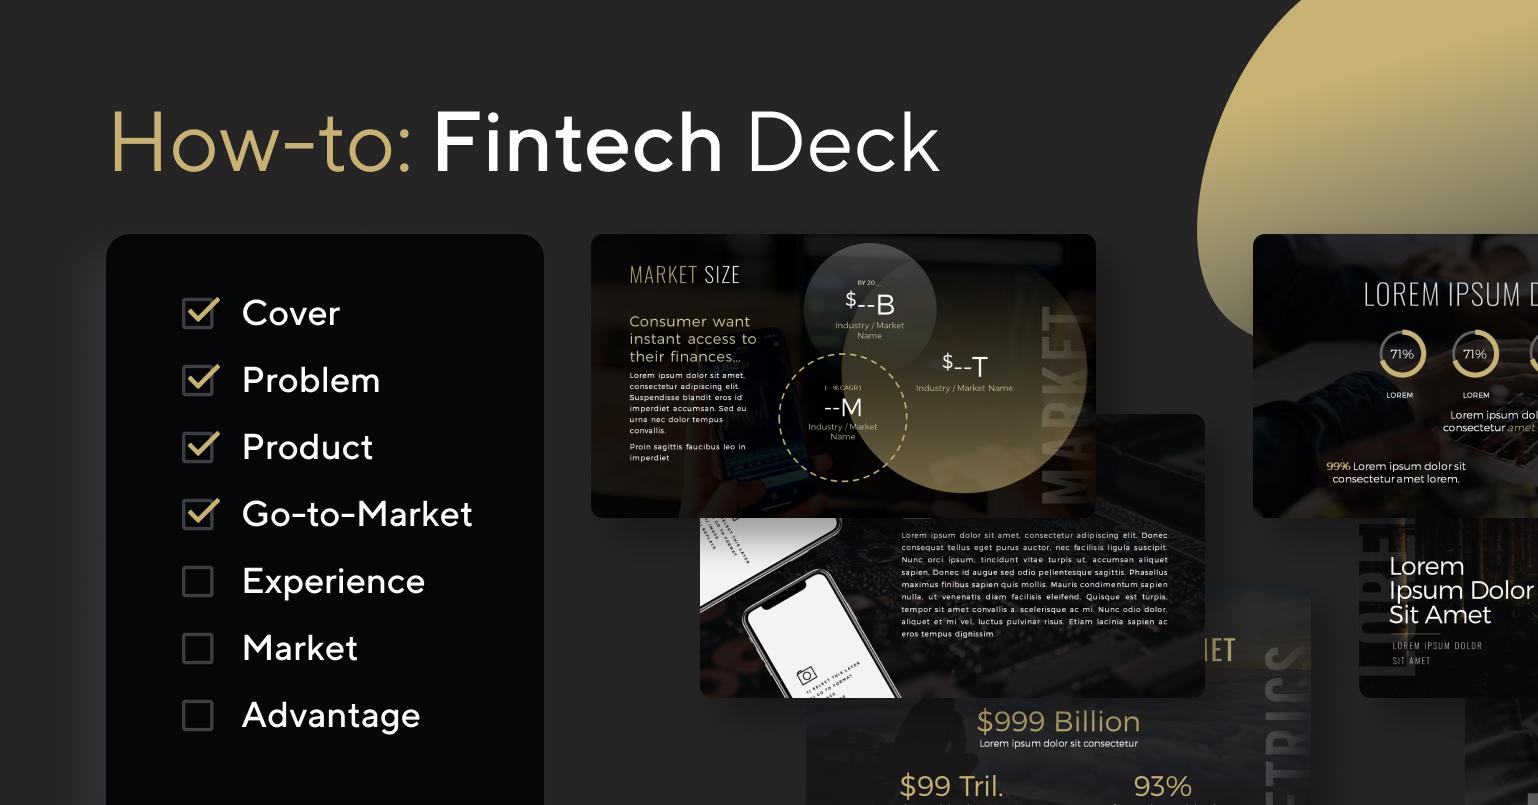 How-to design a FinTech deck